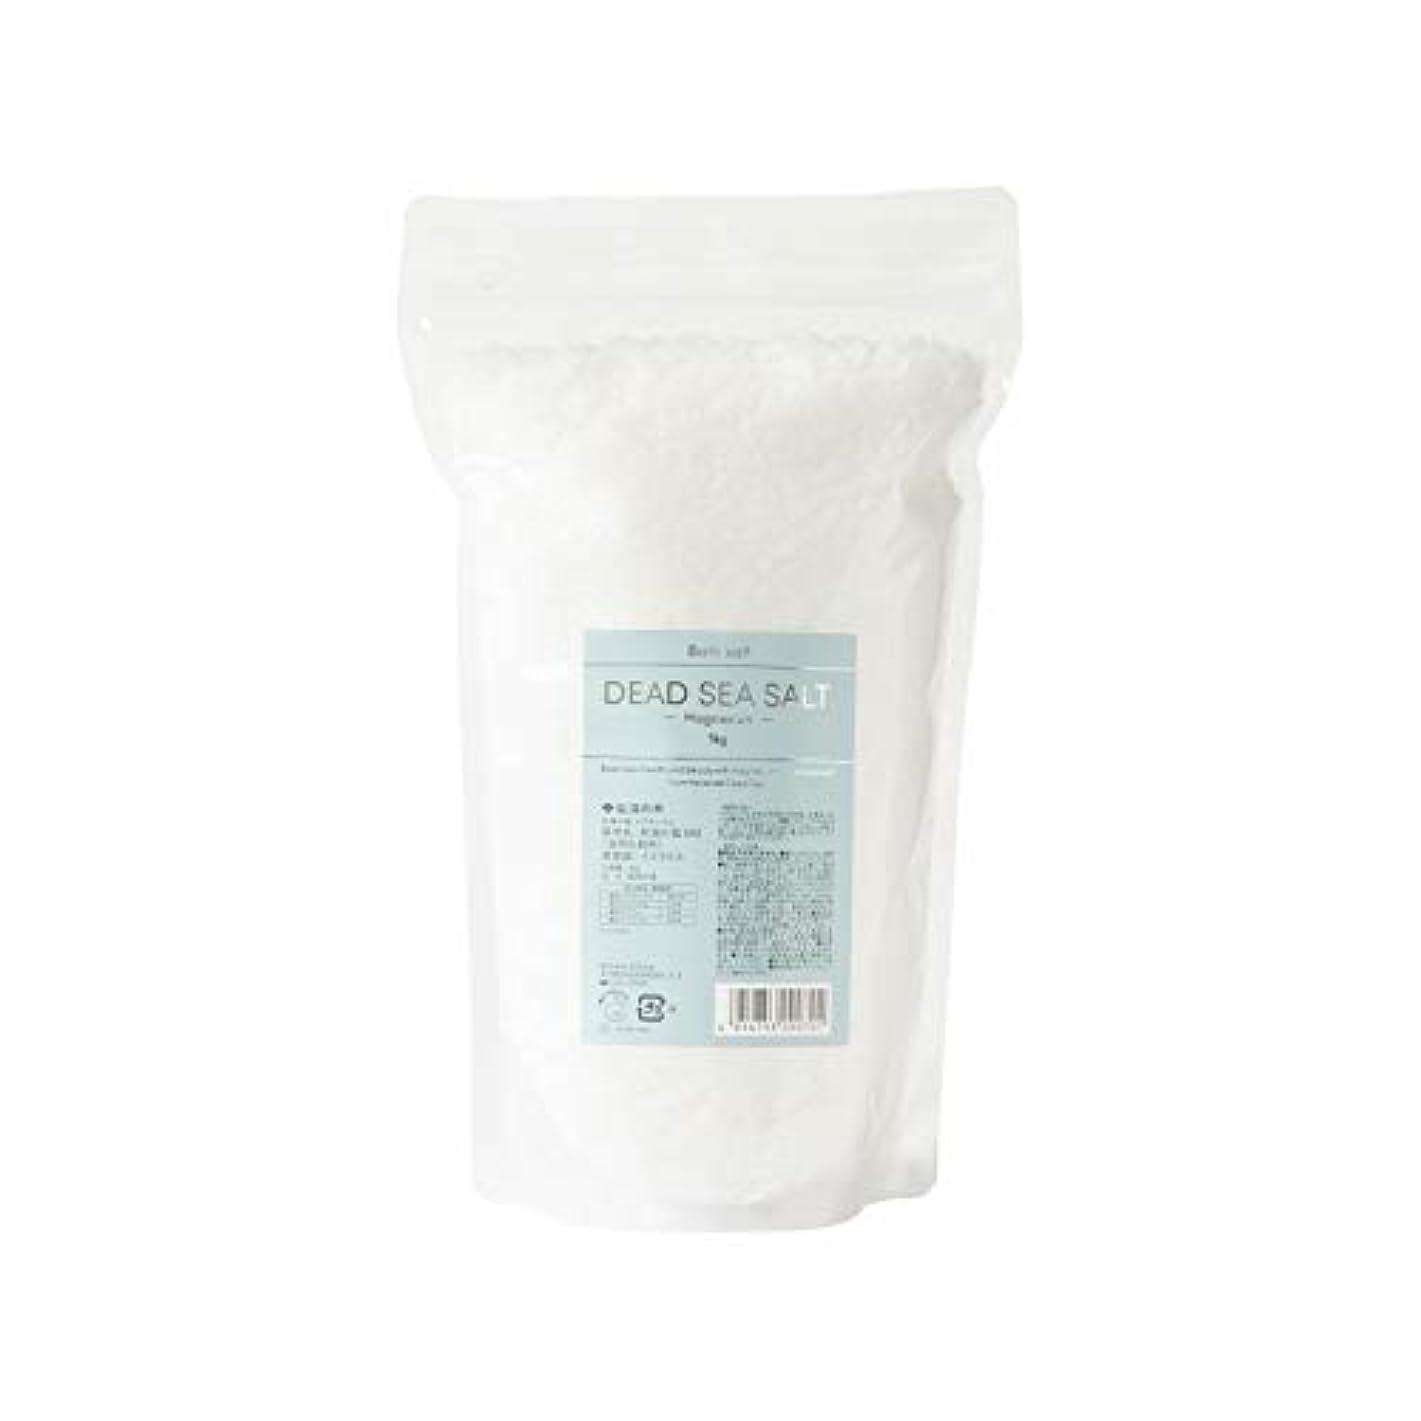 円形の有効ななしで生活の木 死海の塩マグネシウム 1kg